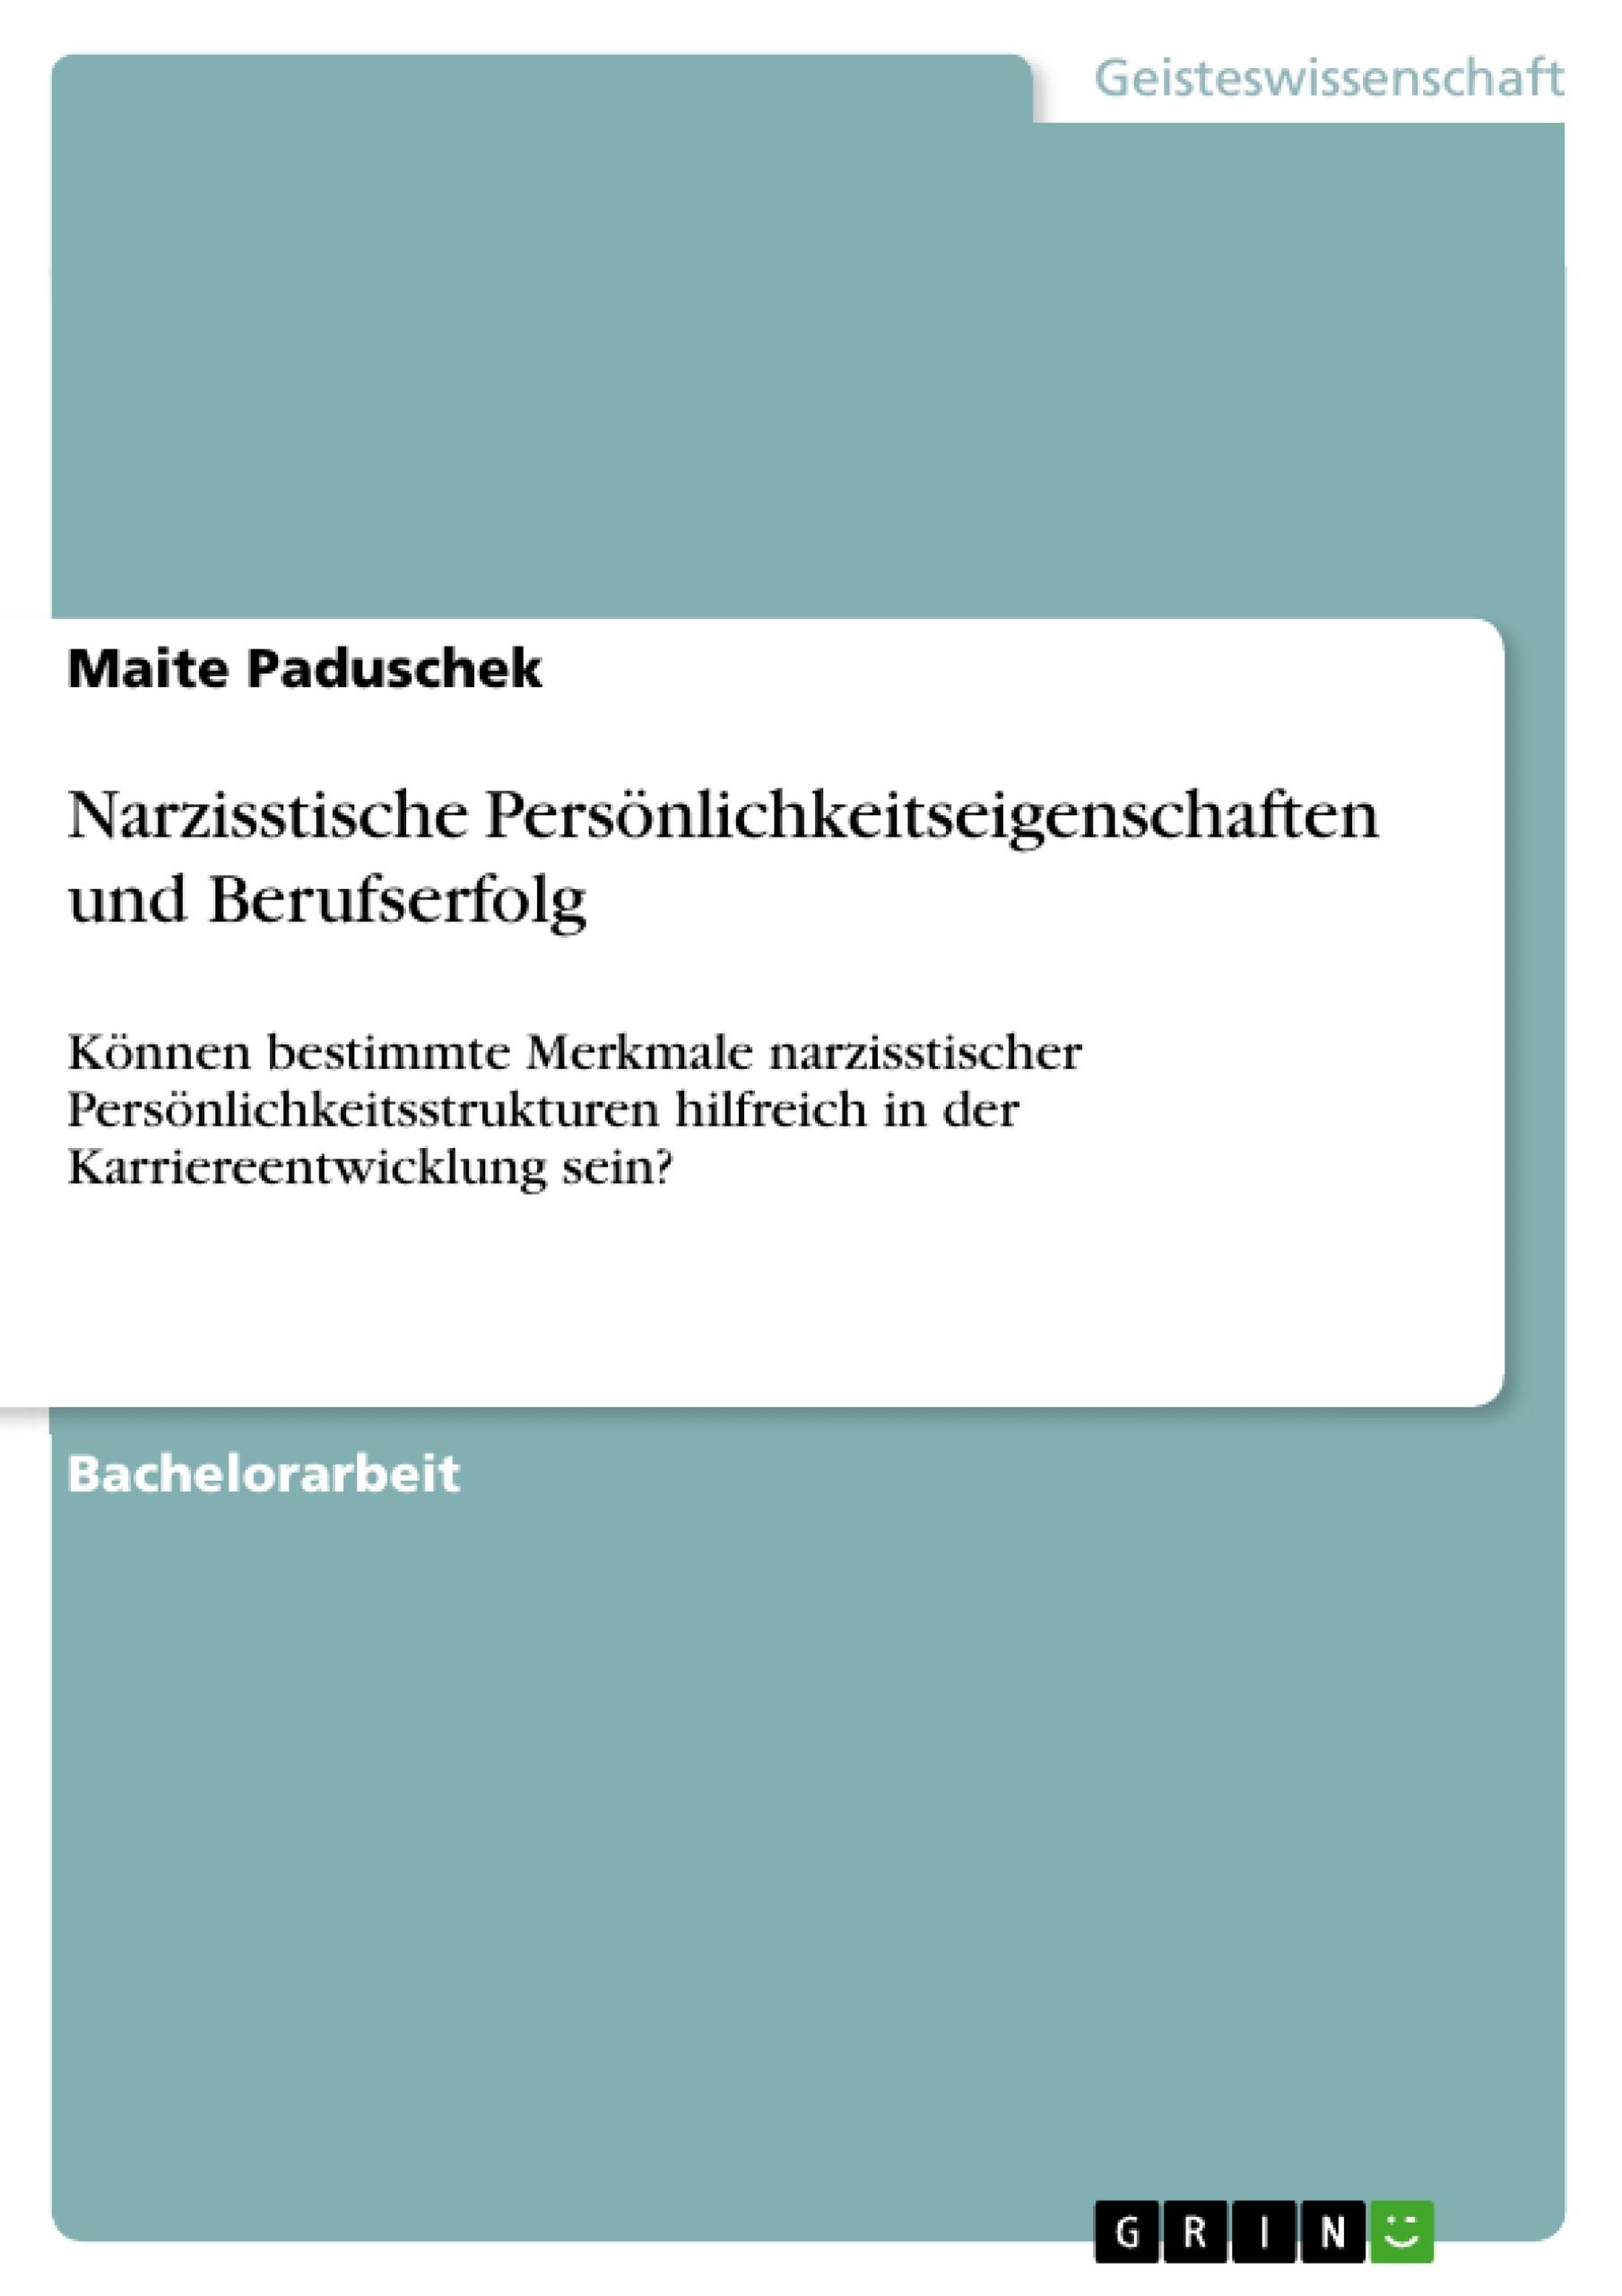 Titel: Narzisstische Persönlichkeitseigenschaften und Berufserfolg